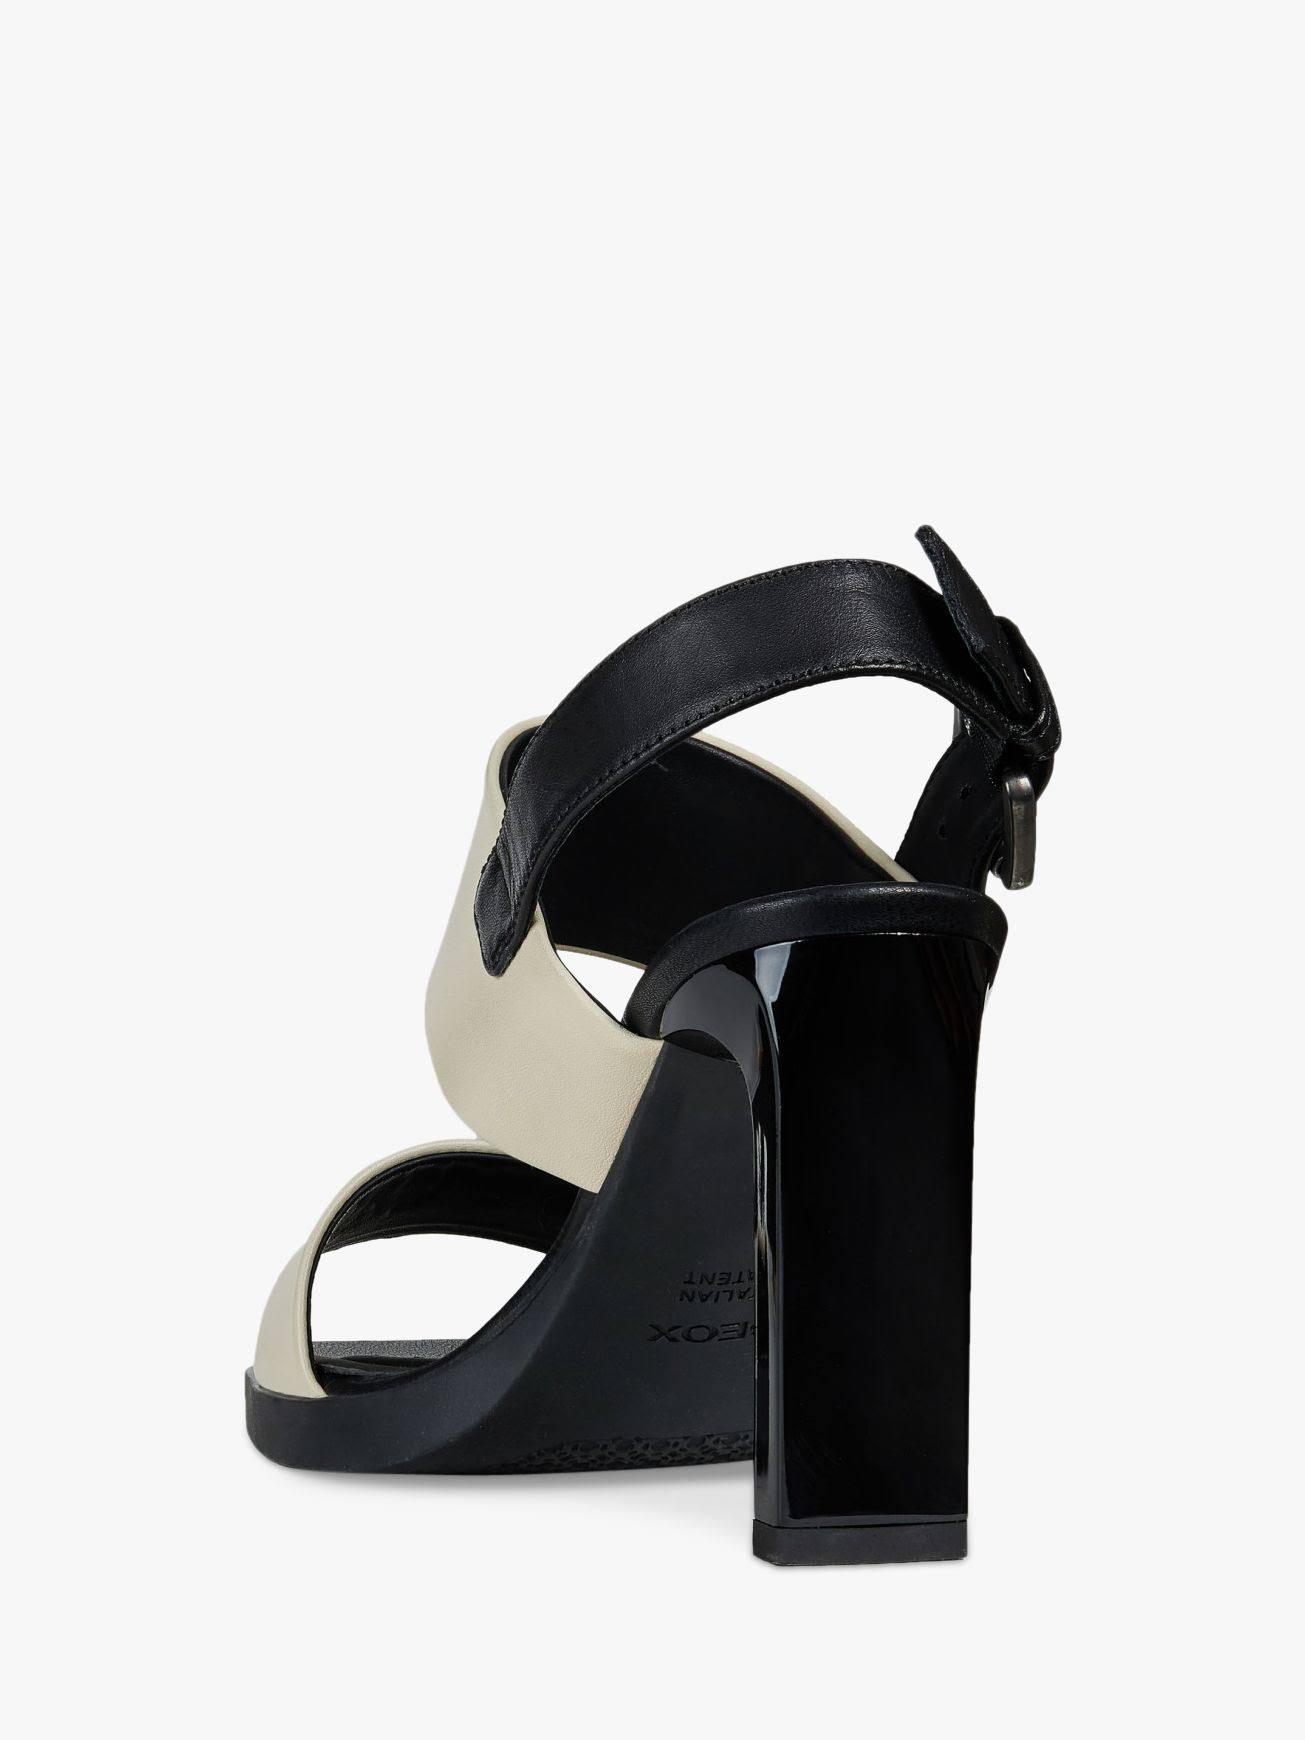 e 363Creamblack Size Scarpe Geox Color Black Jenieve Cream orxeBdC